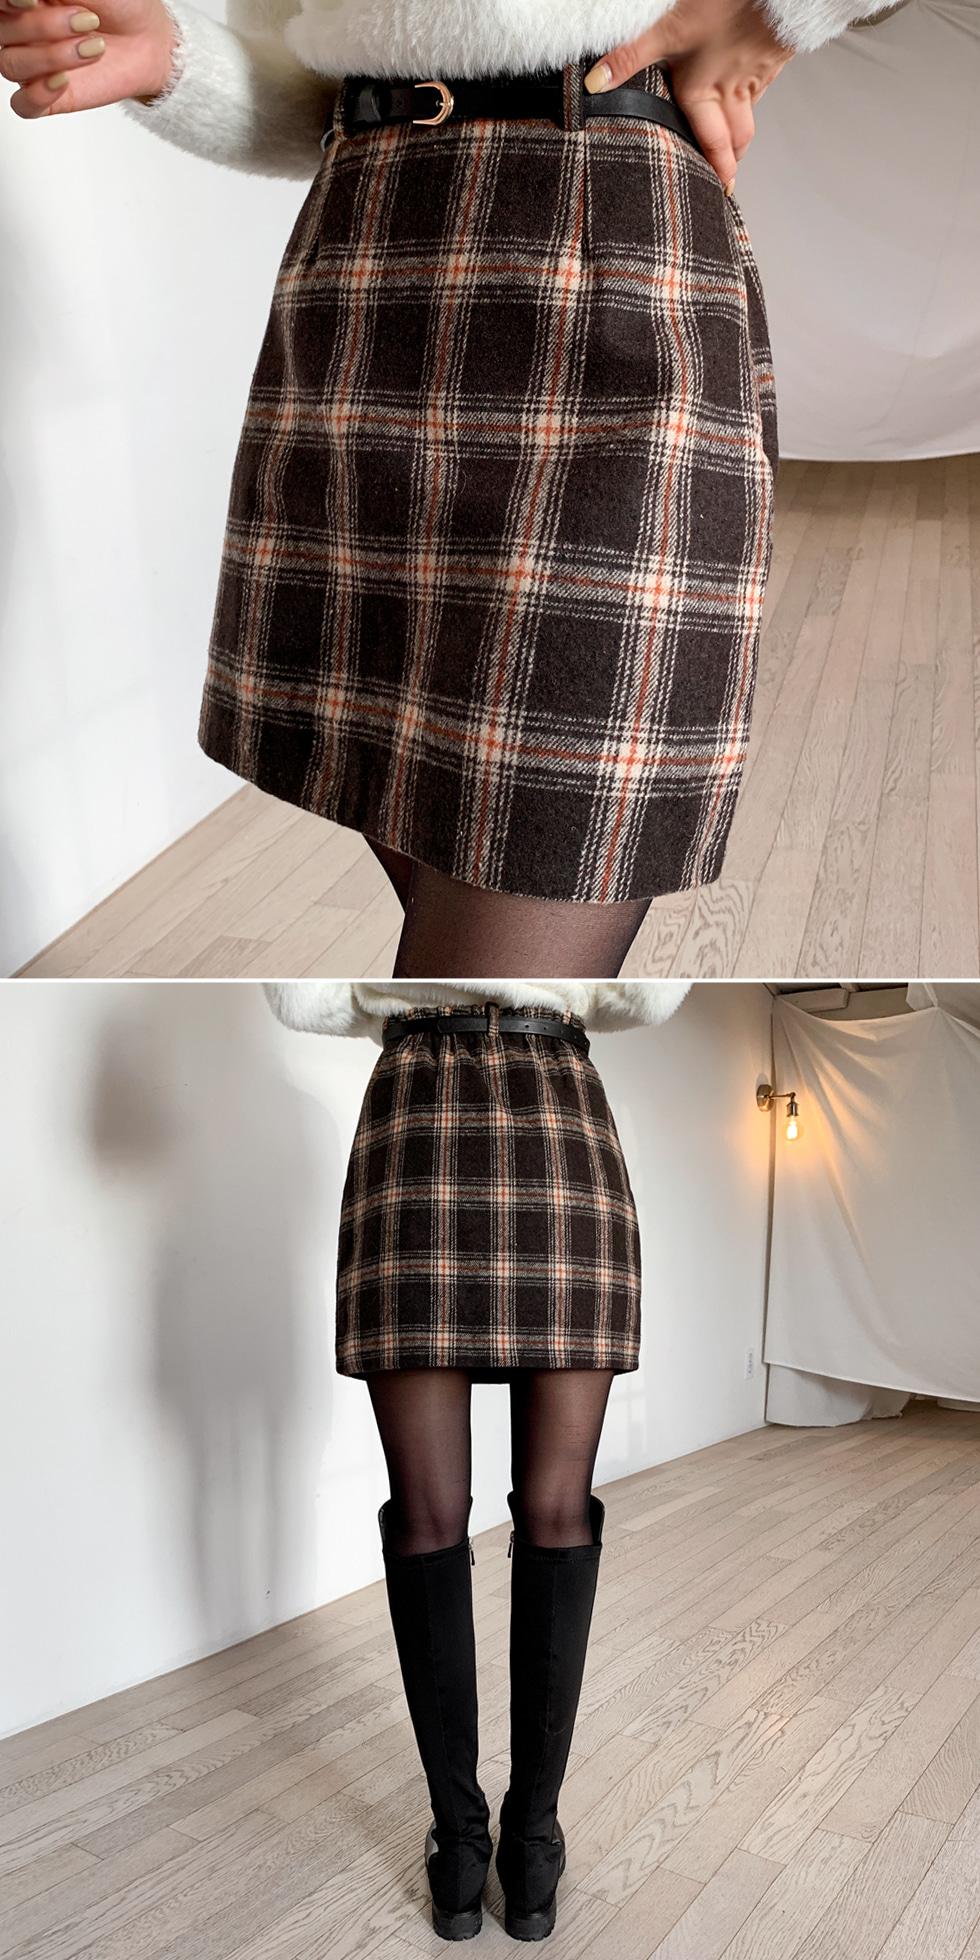 Checked skirt pants